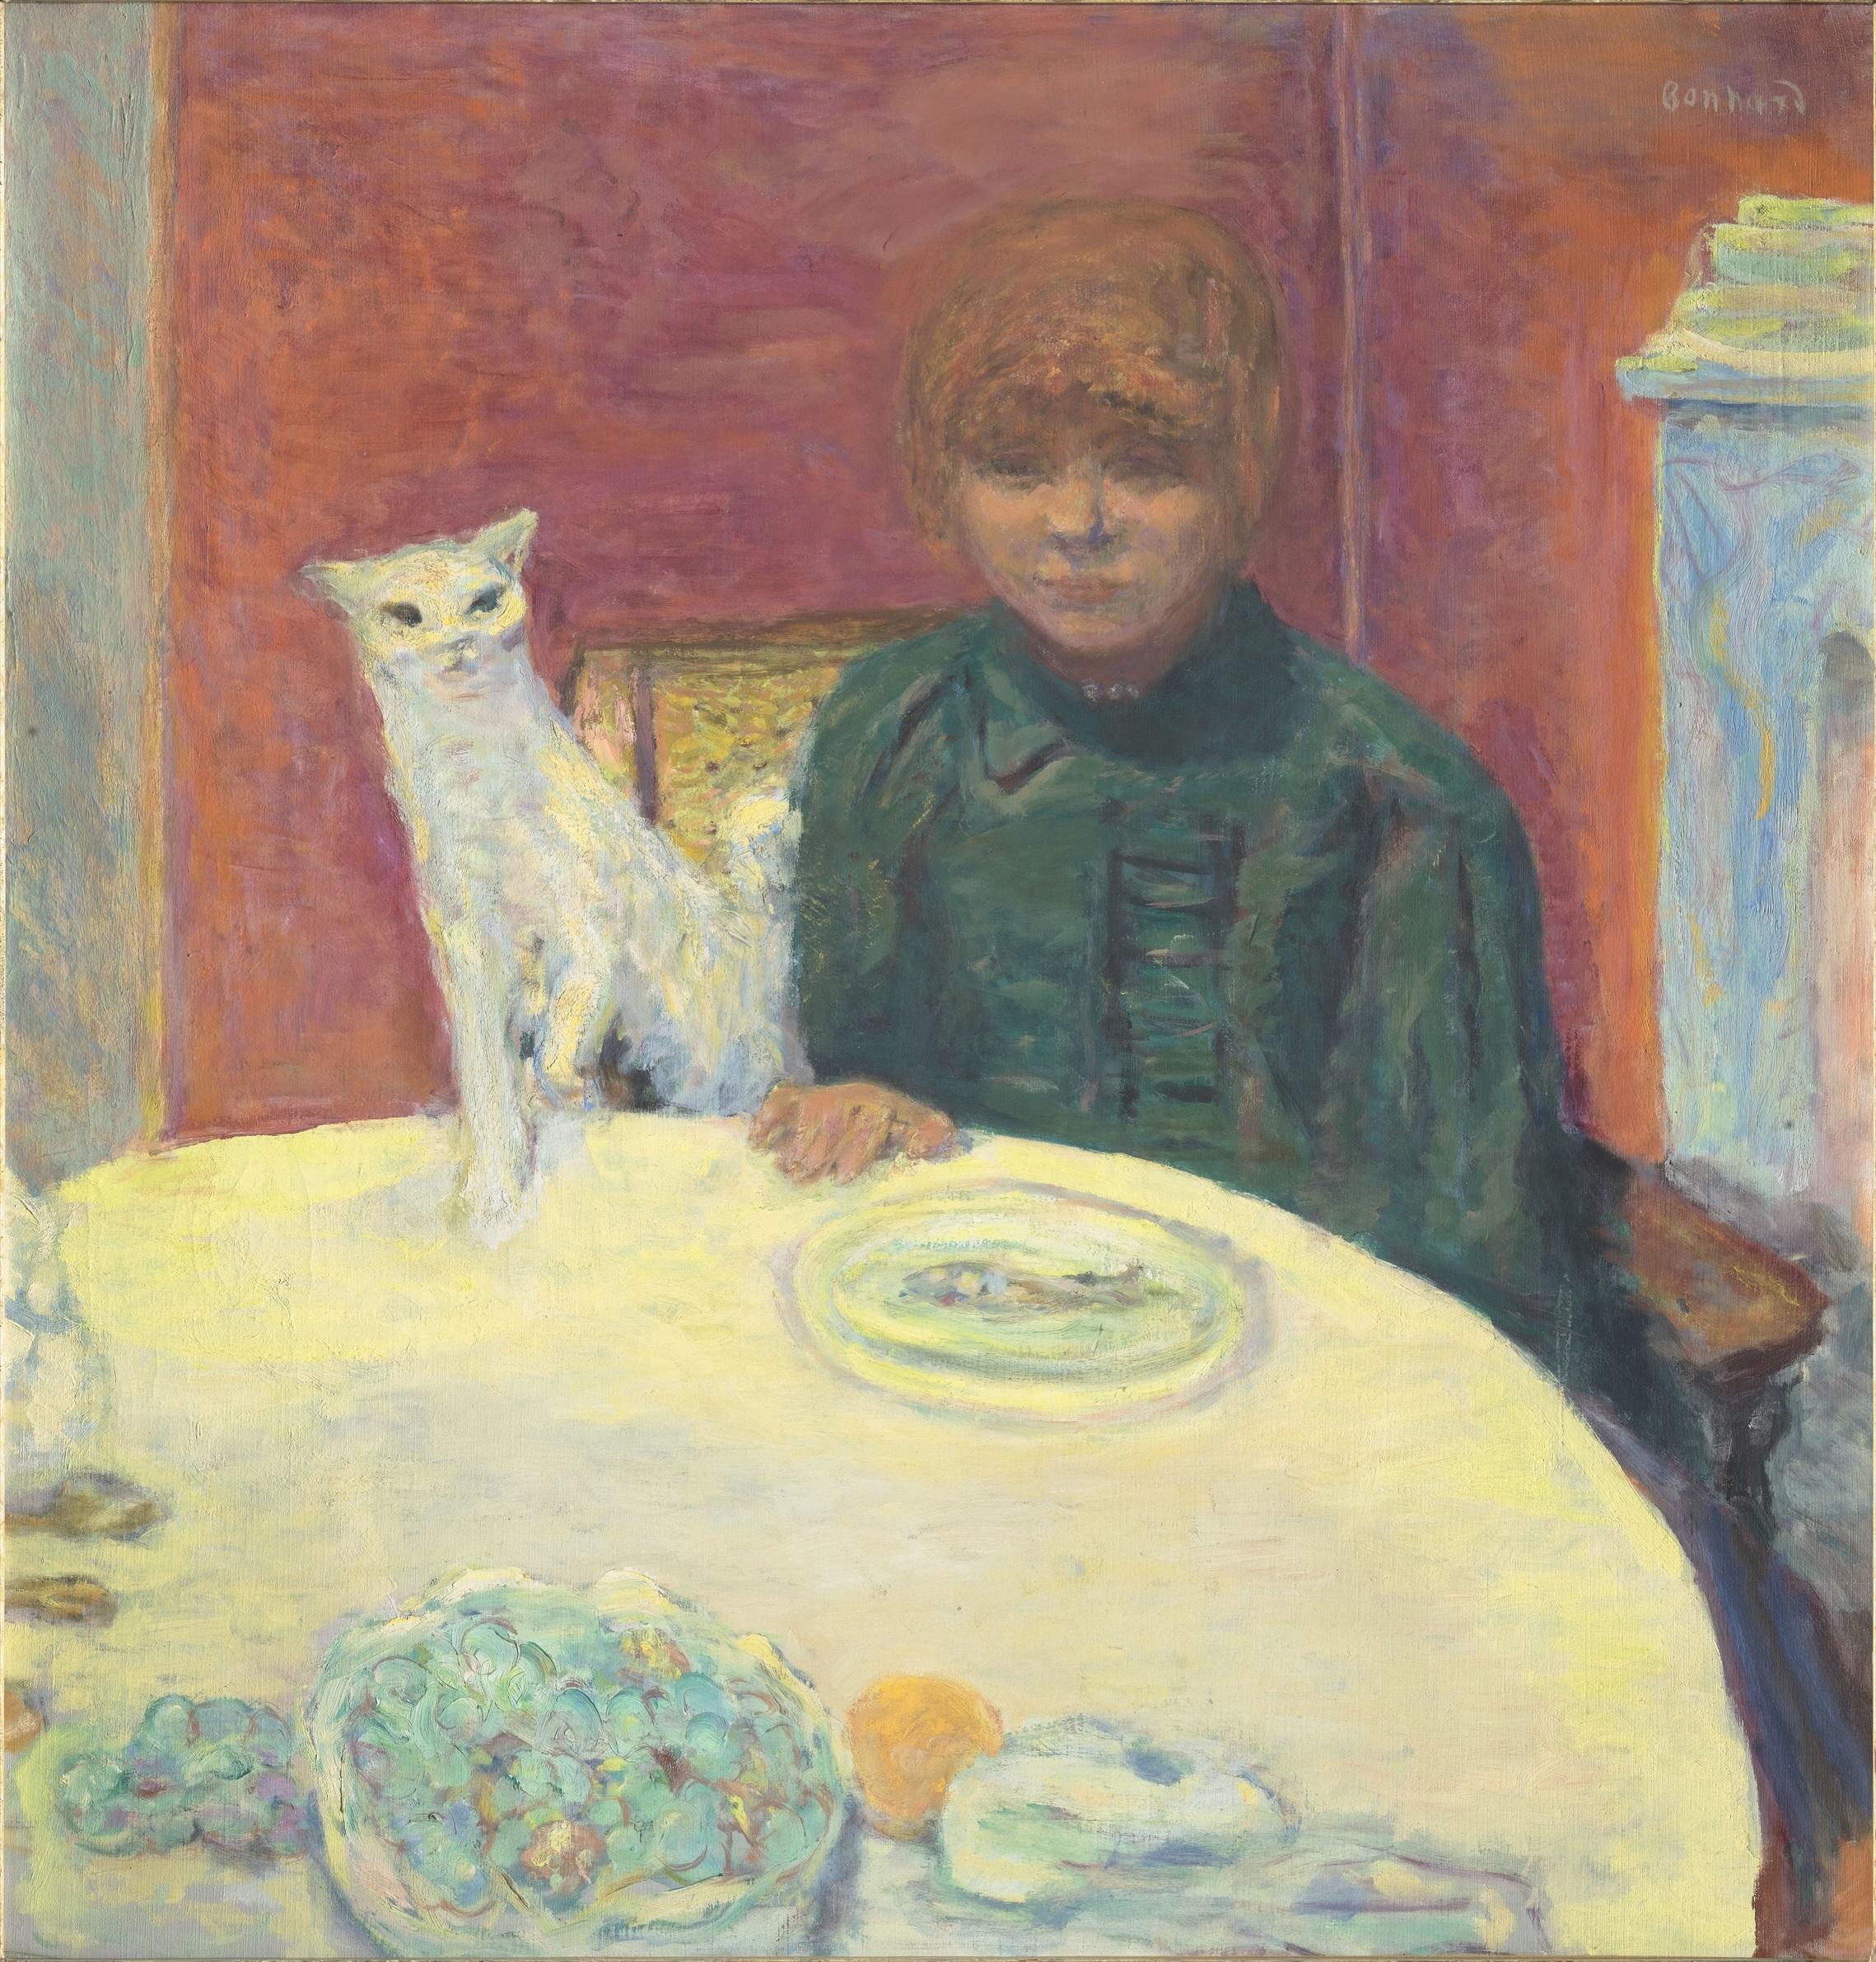 ピエール・ボナール《猫と女性 あるいは餌をねだる猫》1912年頃 油彩、カンヴァス オルセー美術館  (C)RMN-Grand Palais (musée d'Orsay) / Hervé Lewandowski / distributed by AMF